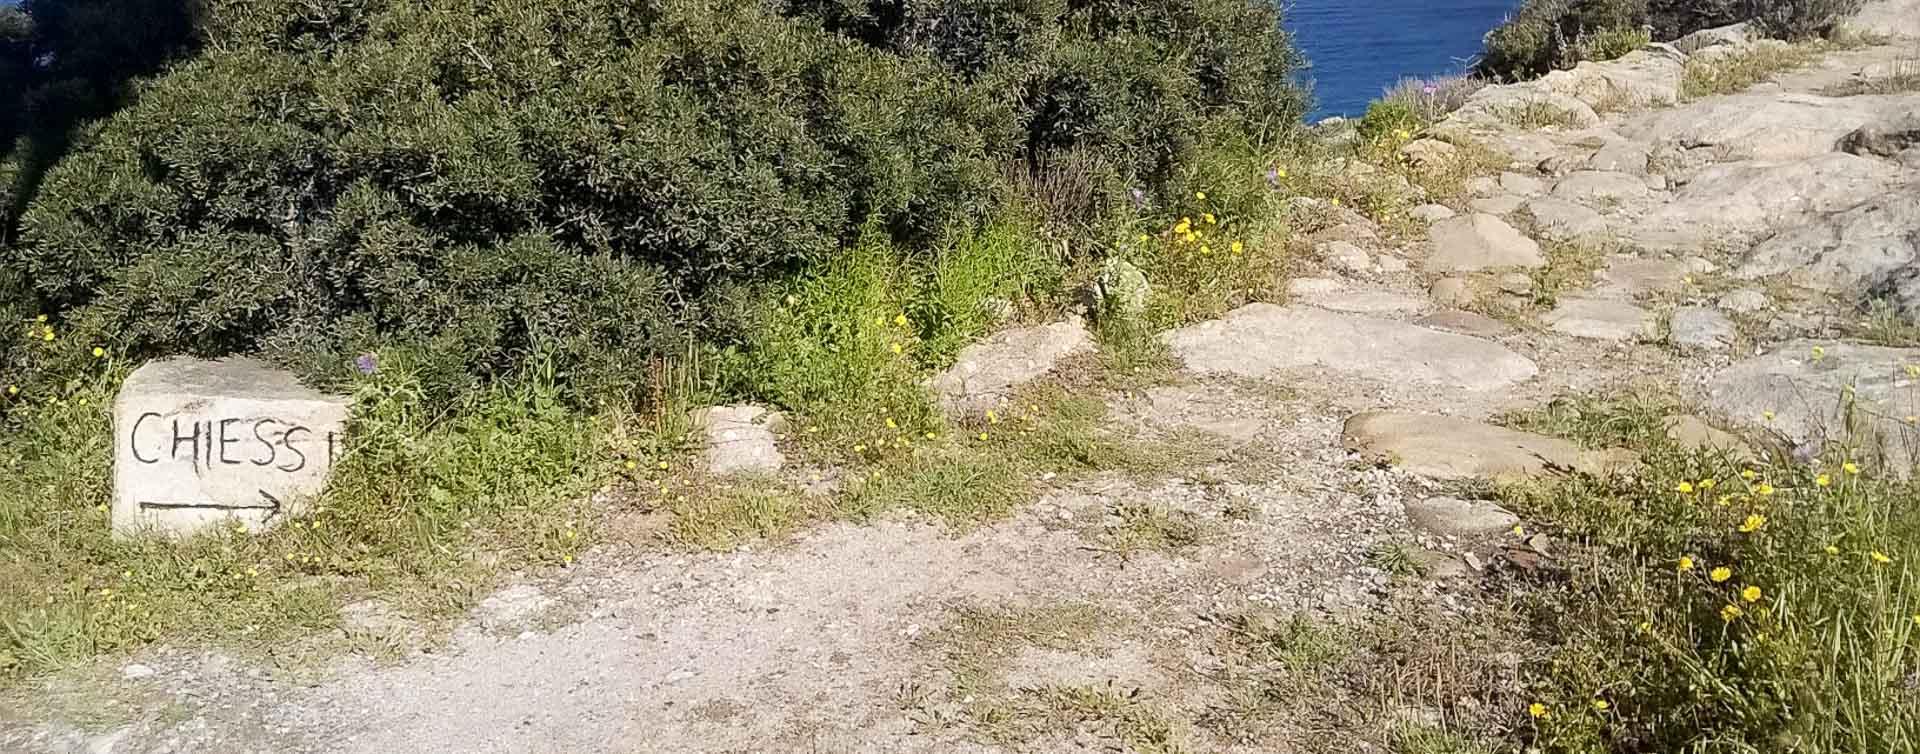 Fiori Gialli Isola Delba.Trekking Di Primavera All Isola D Elba Naturalmente Elba